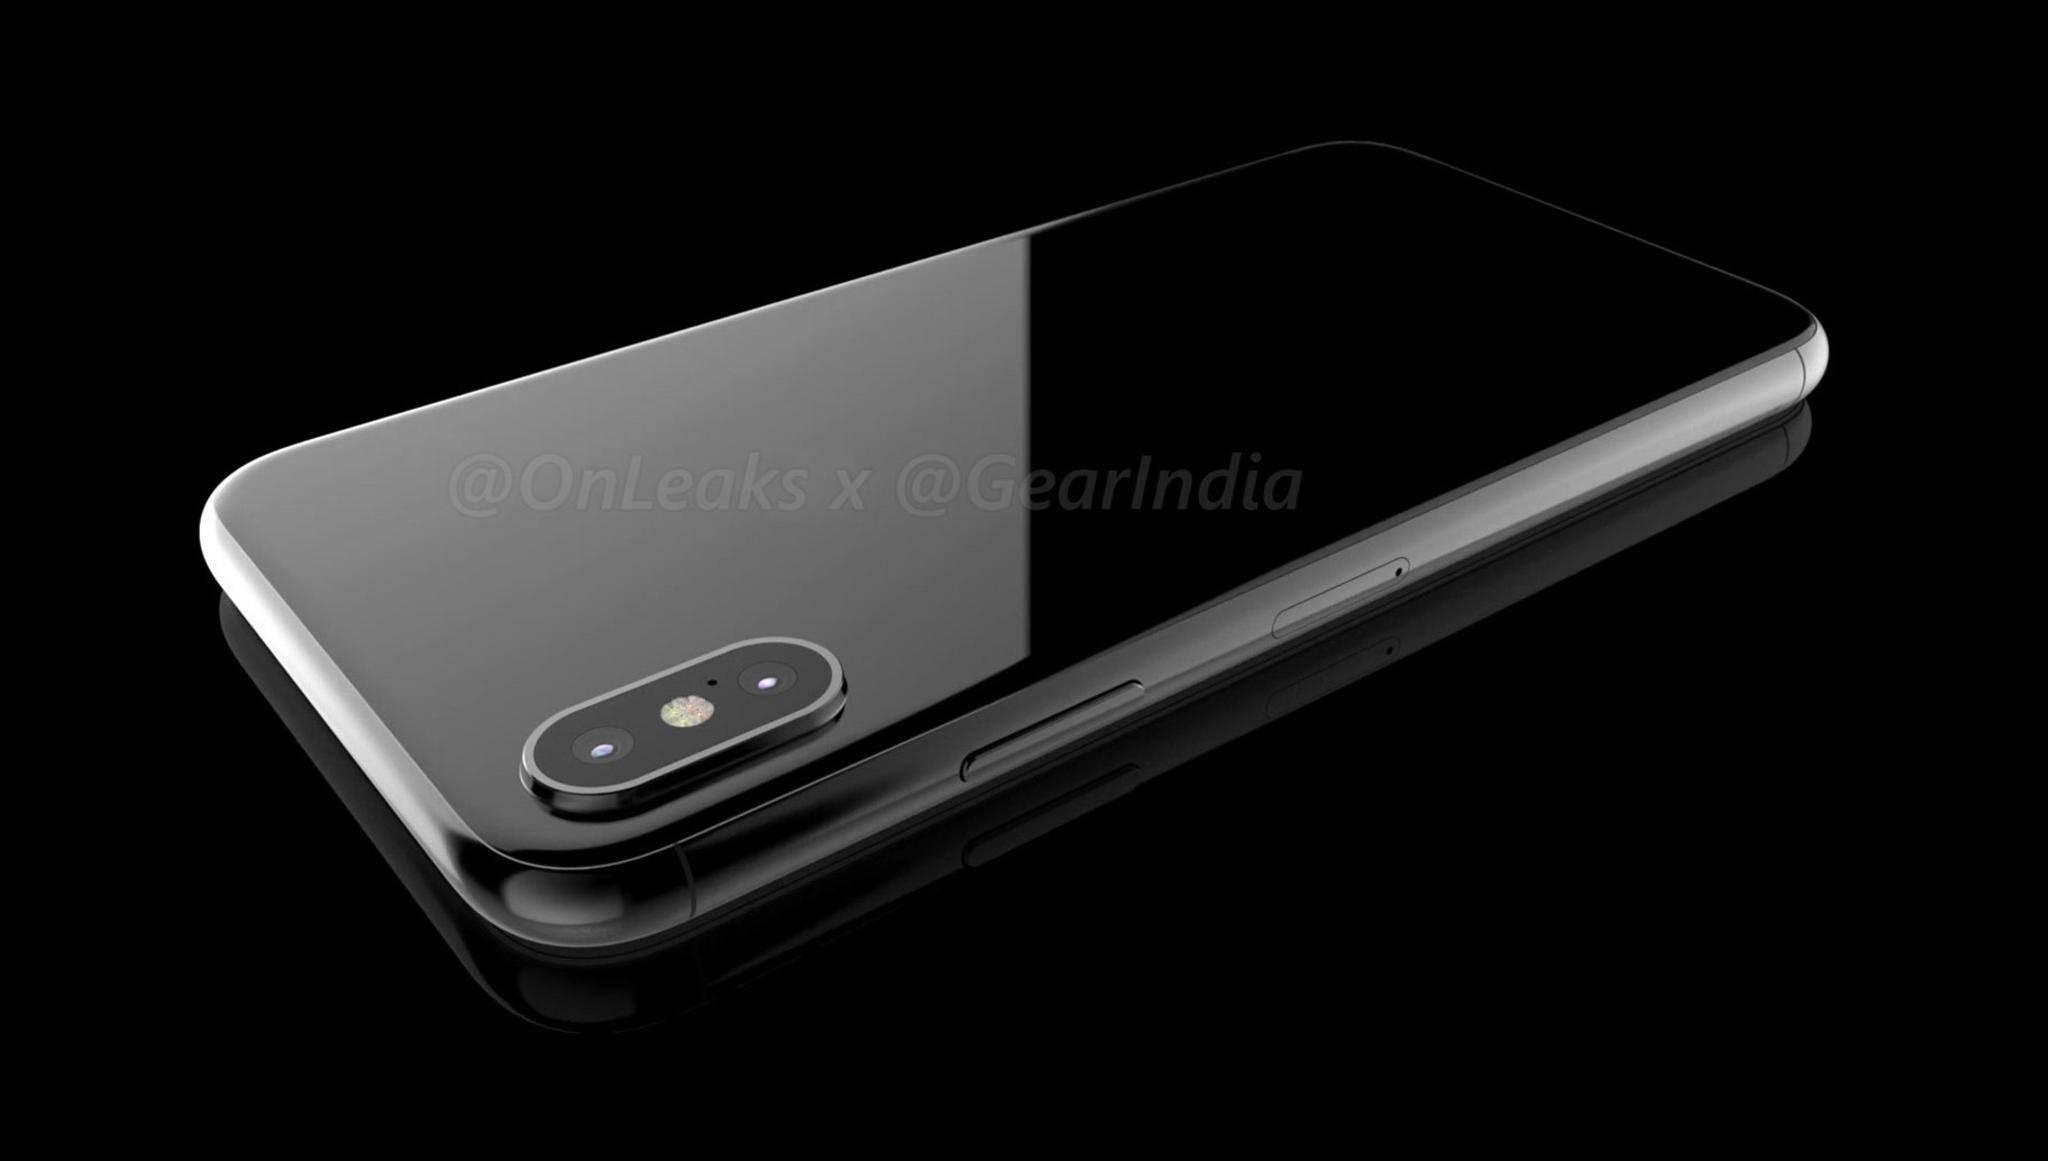 Glasdesign, Edelstahlrahmen und vertikale Dual-Kamera: So könnte das iPhone 8 aussehen.